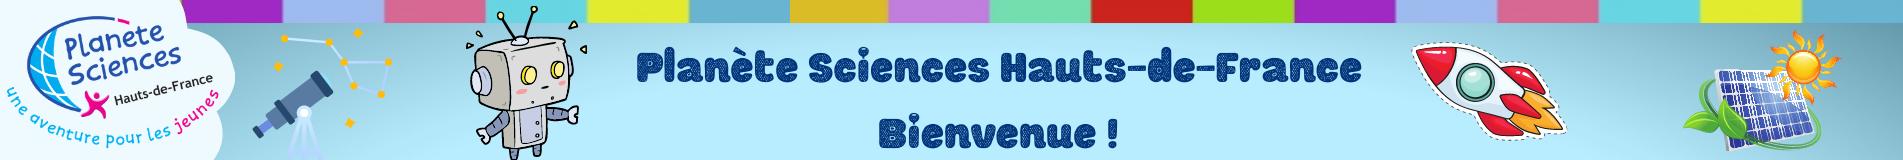 PLANETE SCIENCES HAUT-DE-FRANCE